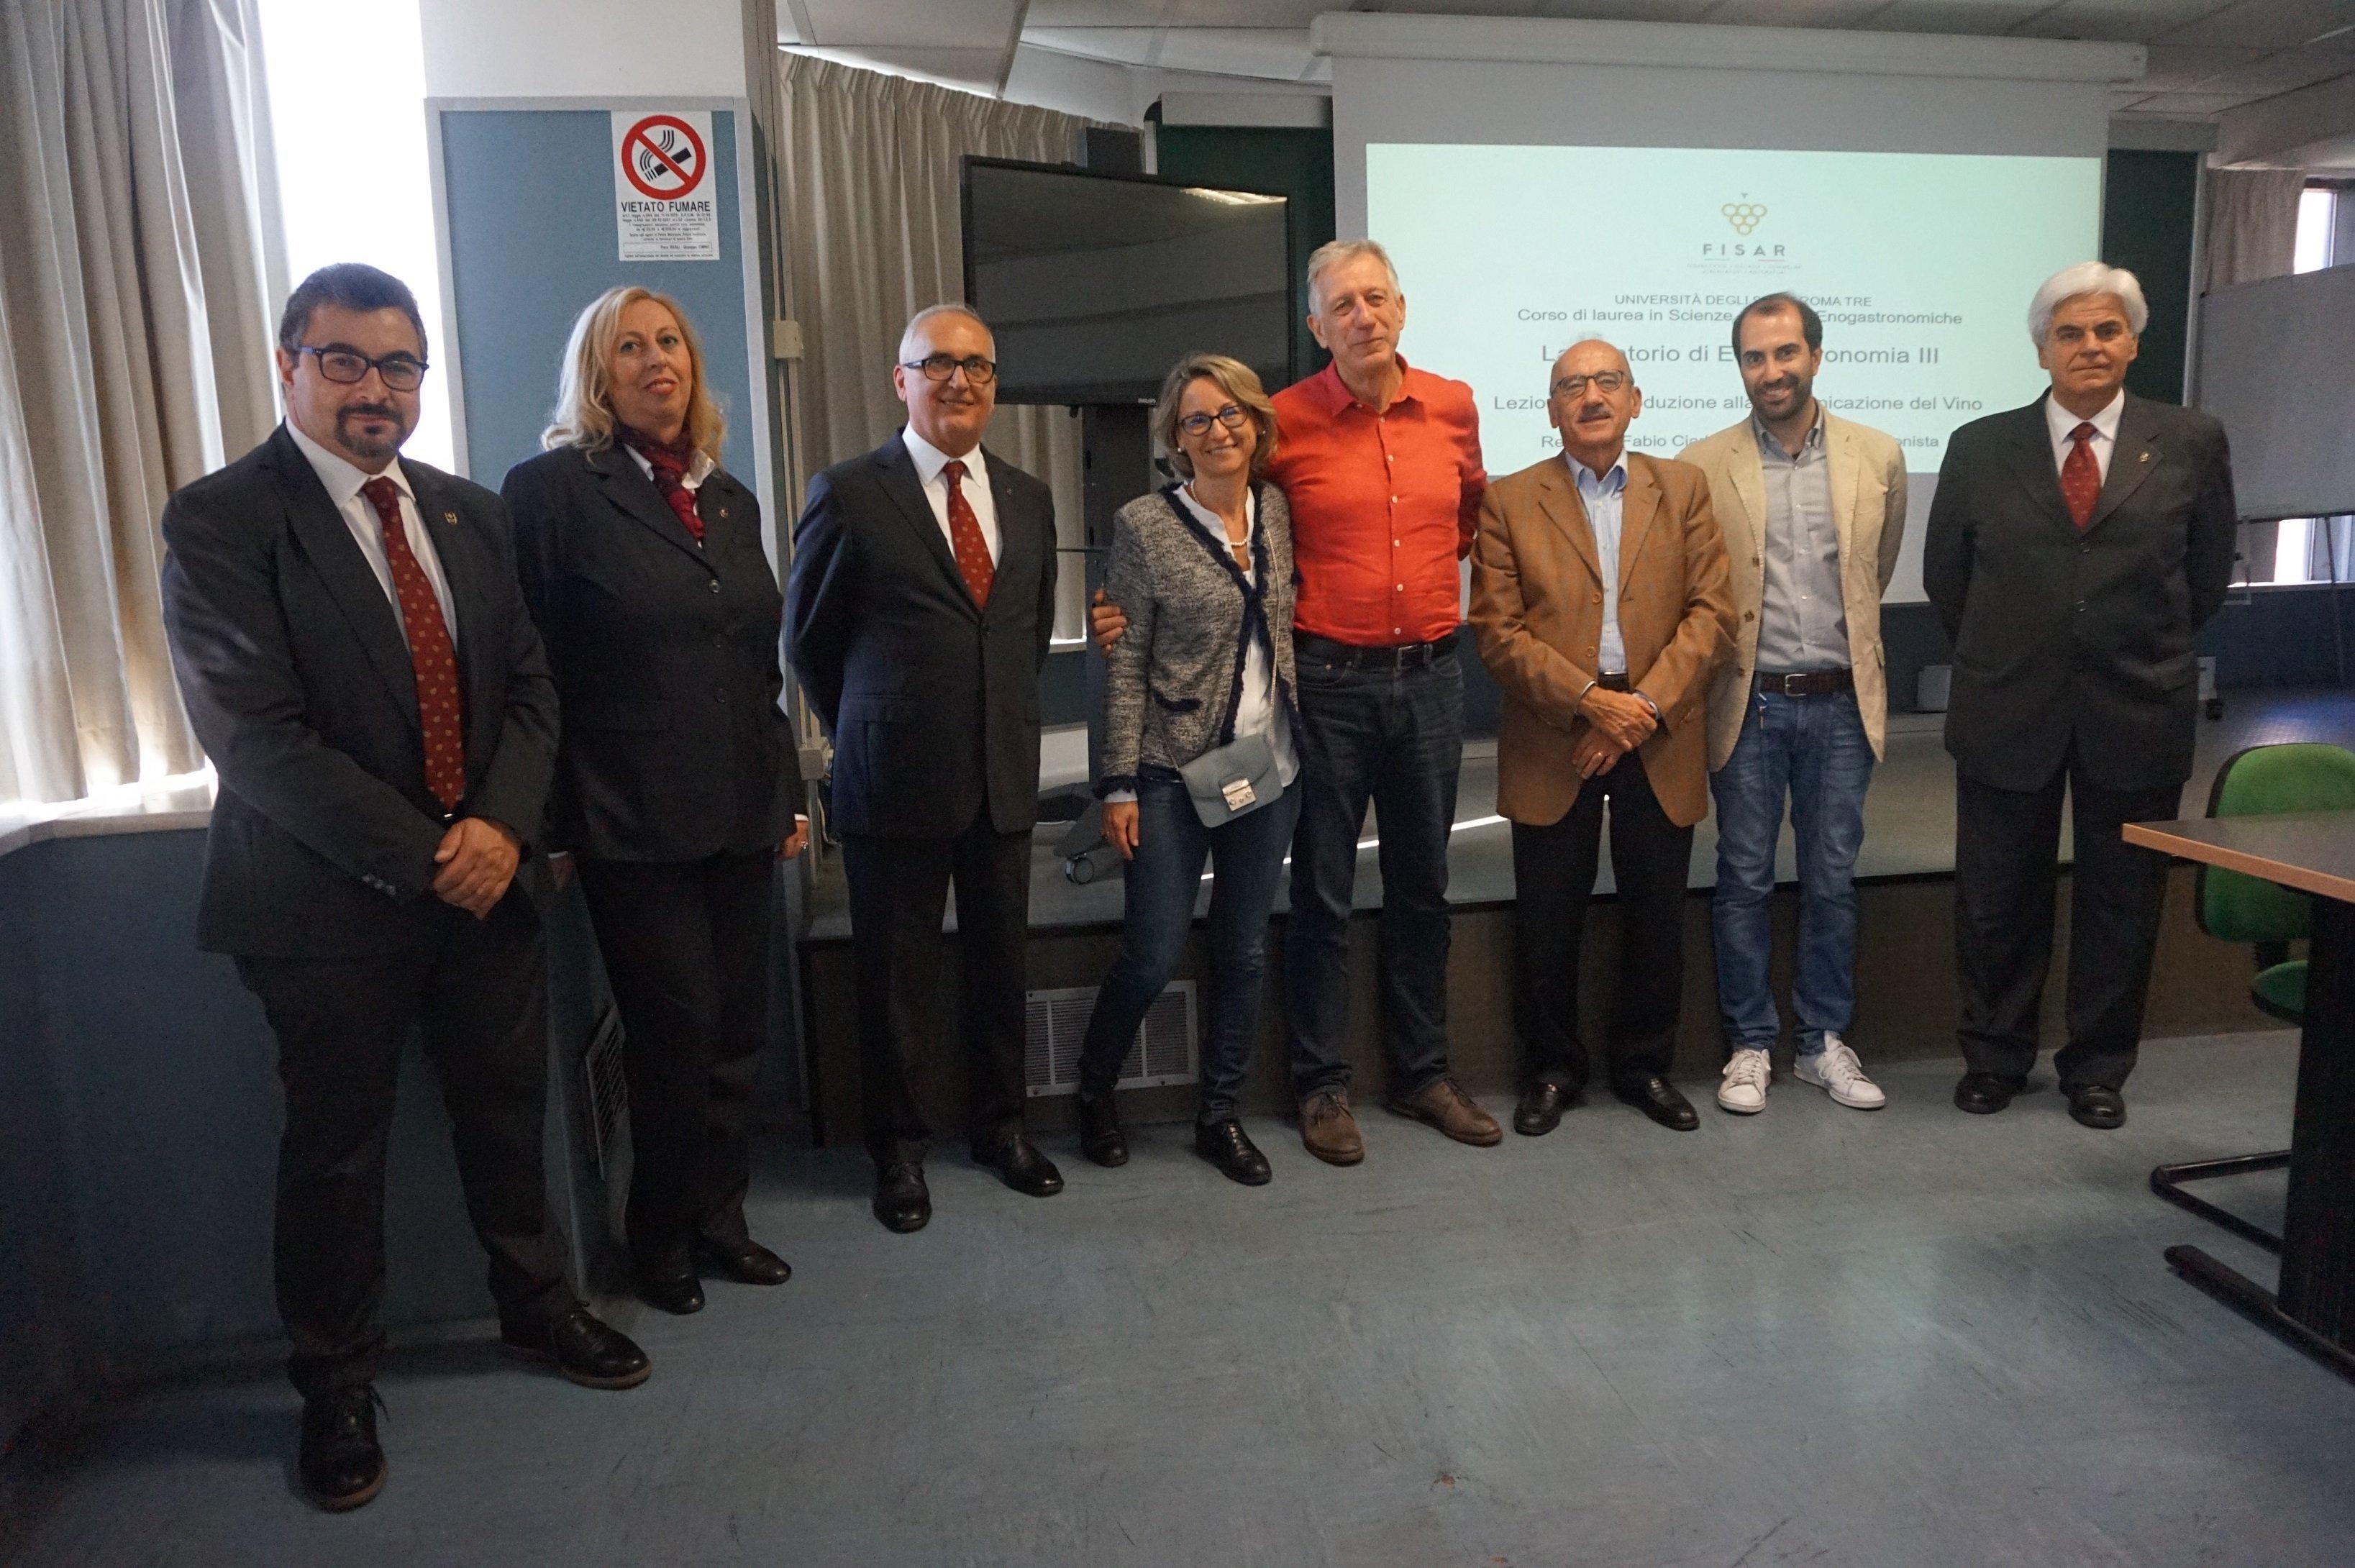 Staff Fisar e del Dipartimento di Scienze dell'Università Roma Tre (1)